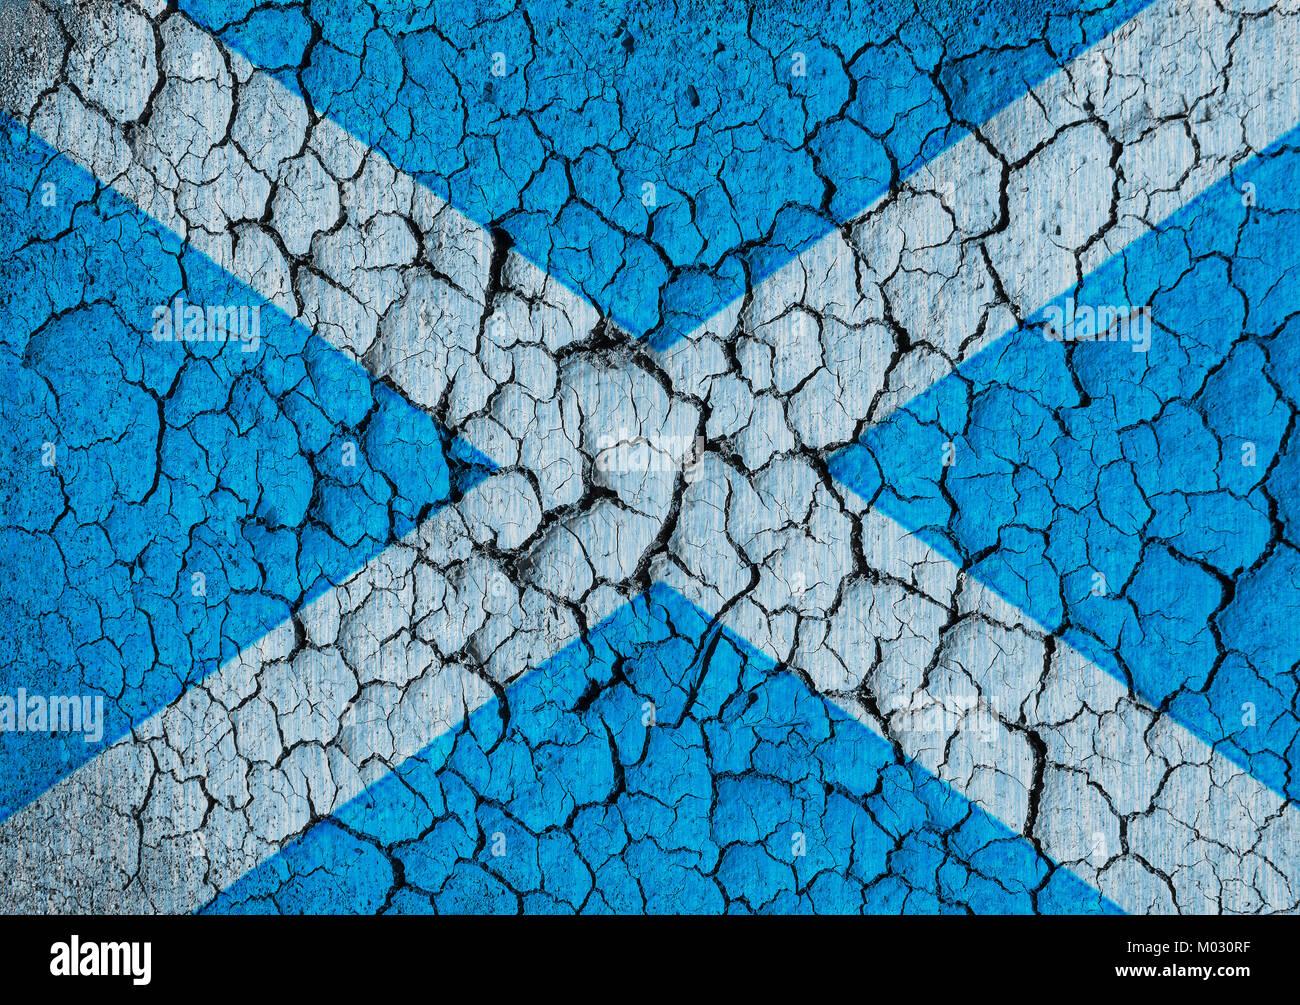 Scottish flag on a cracked grunge background - Stock Image